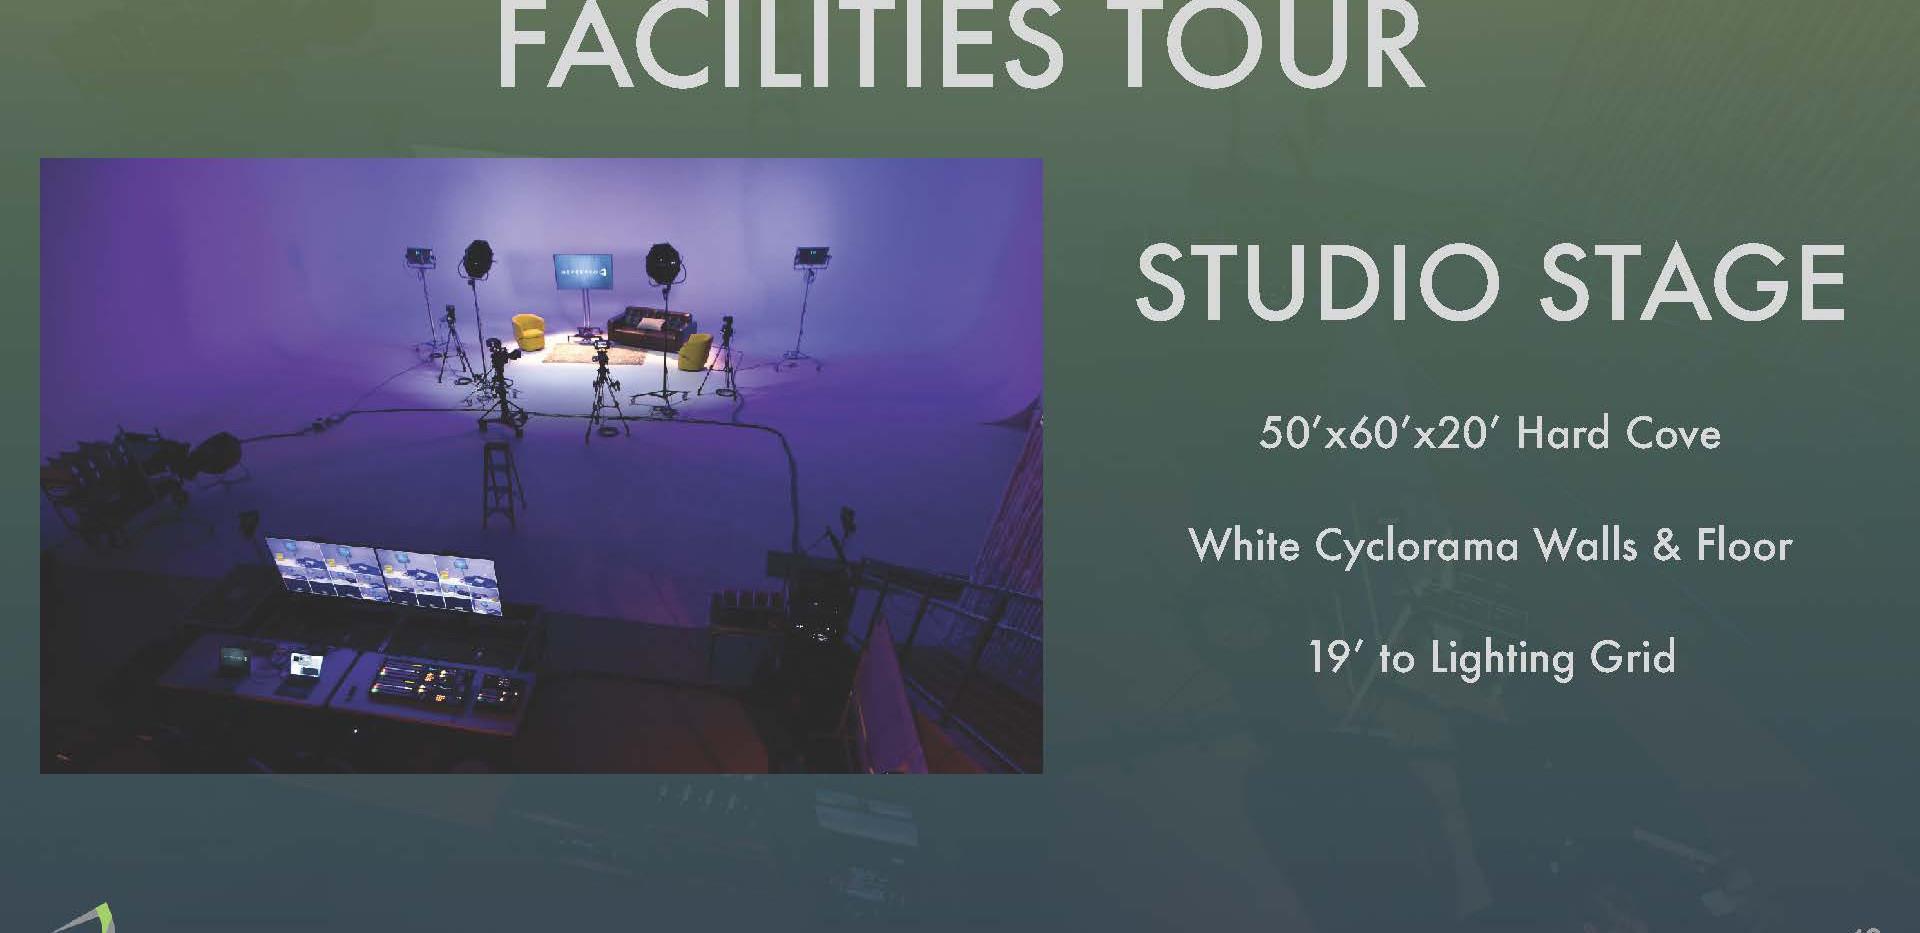 Facilites Tour - Studio Stage